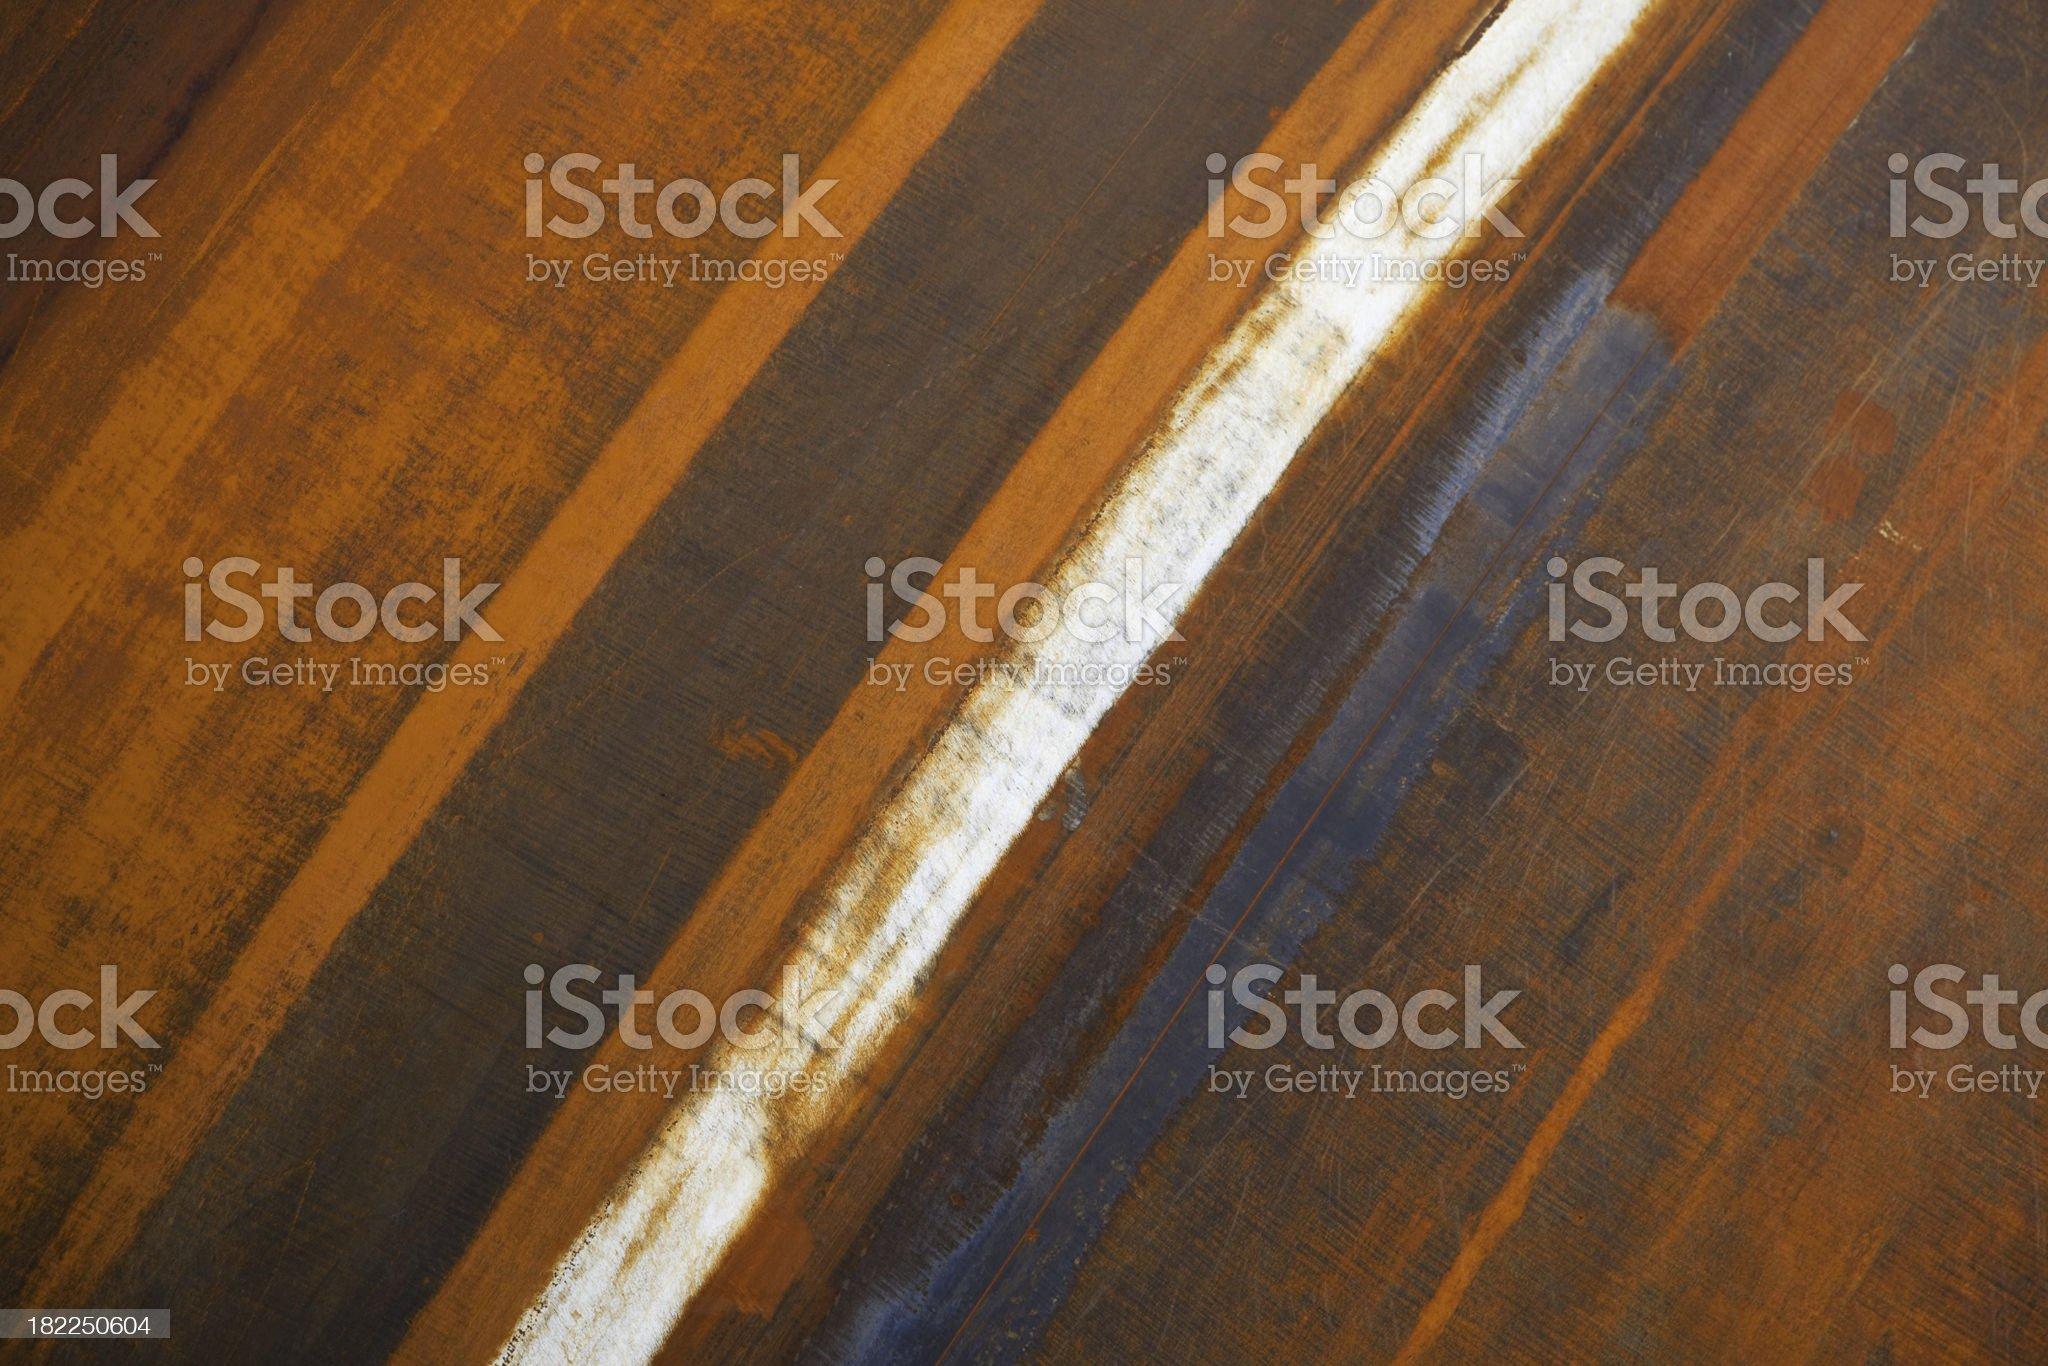 Rusty background # 2 XXXL royalty-free stock photo